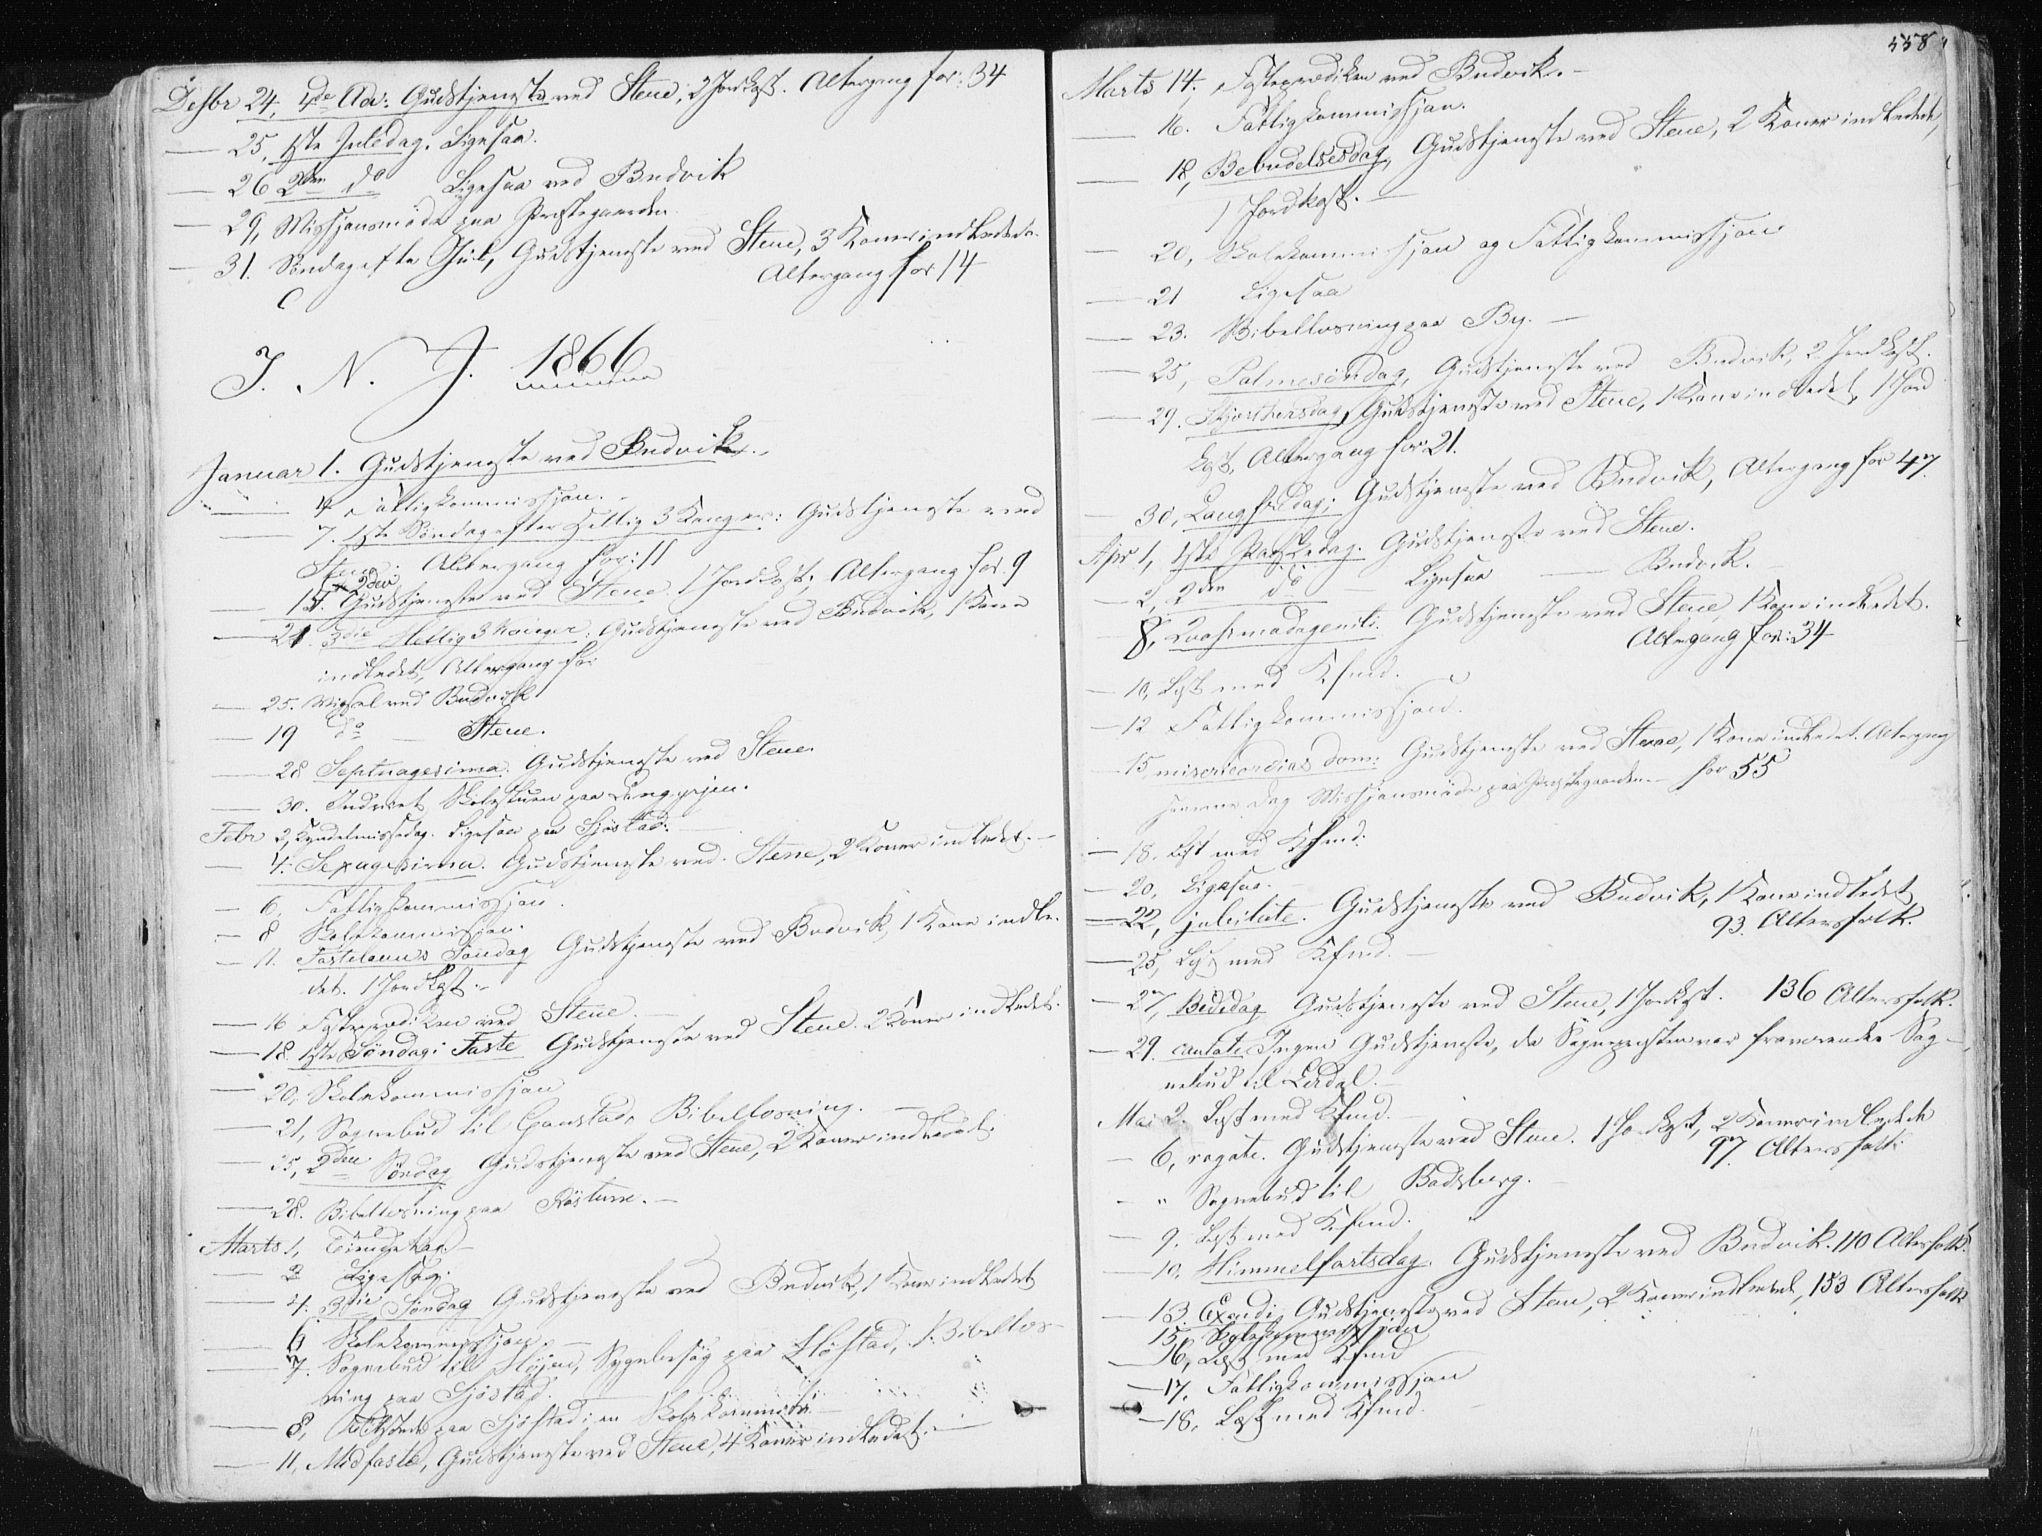 SAT, Ministerialprotokoller, klokkerbøker og fødselsregistre - Sør-Trøndelag, 612/L0377: Ministerialbok nr. 612A09, 1859-1877, s. 558